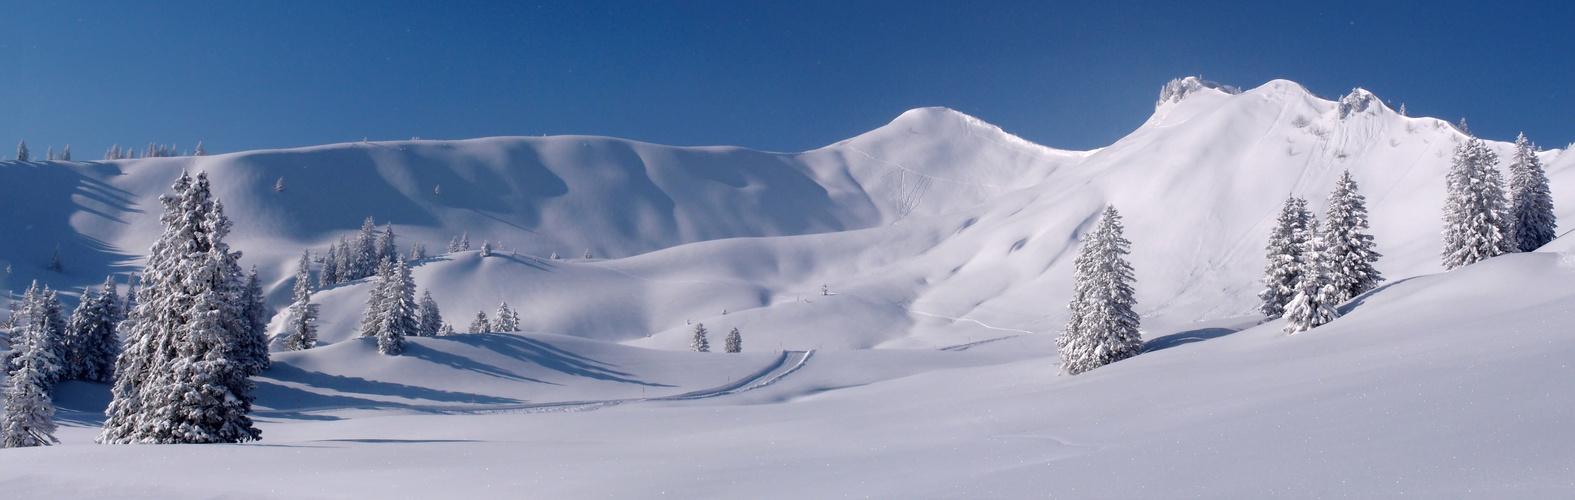 Wintertraum in der Hörnergruppe